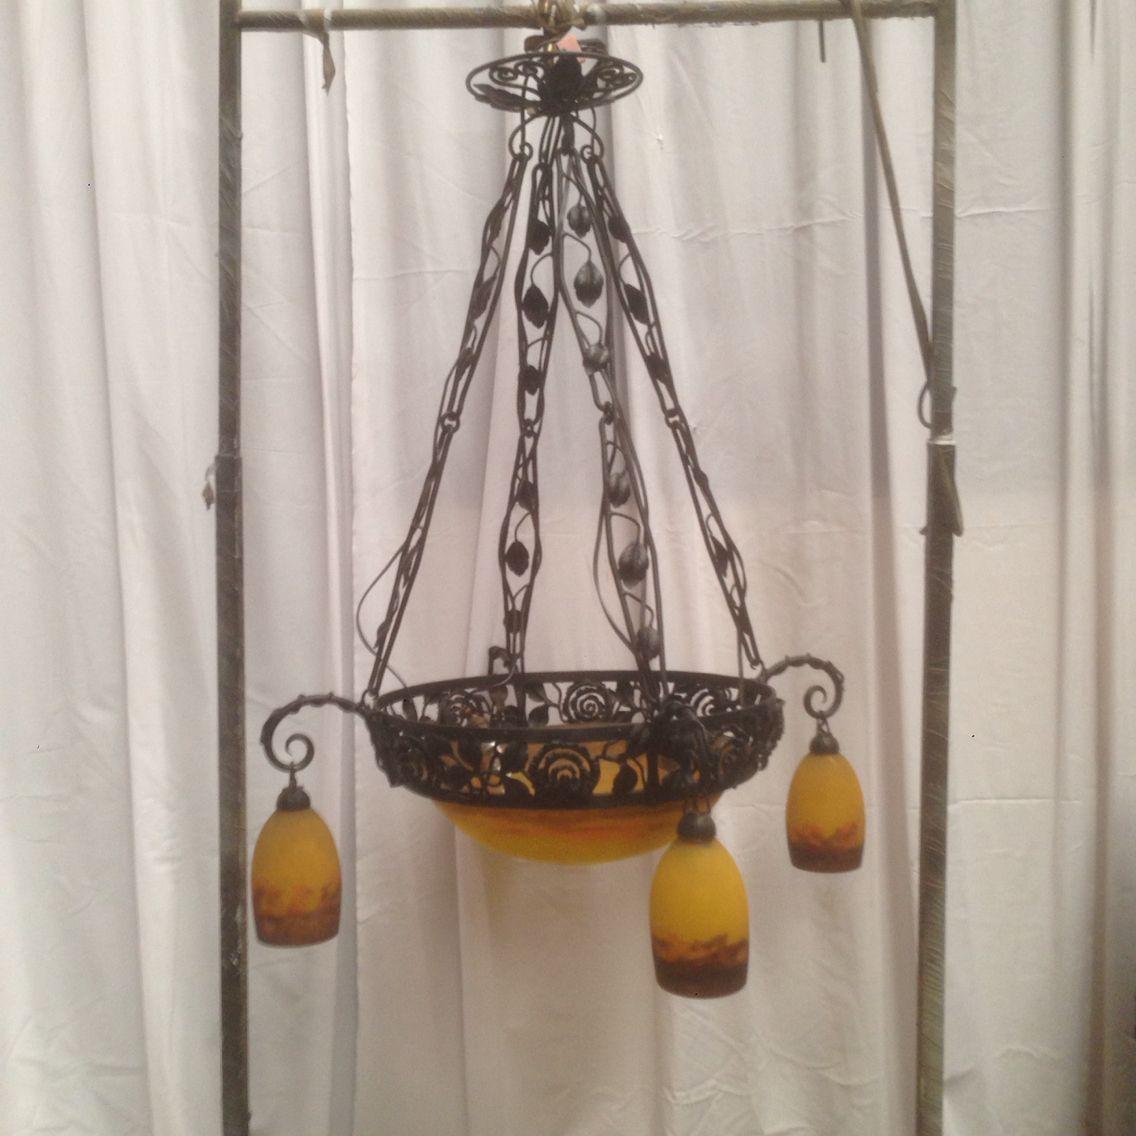 lustre patte de verre m ller fr res luneville vendre pinterest art deco and lights. Black Bedroom Furniture Sets. Home Design Ideas